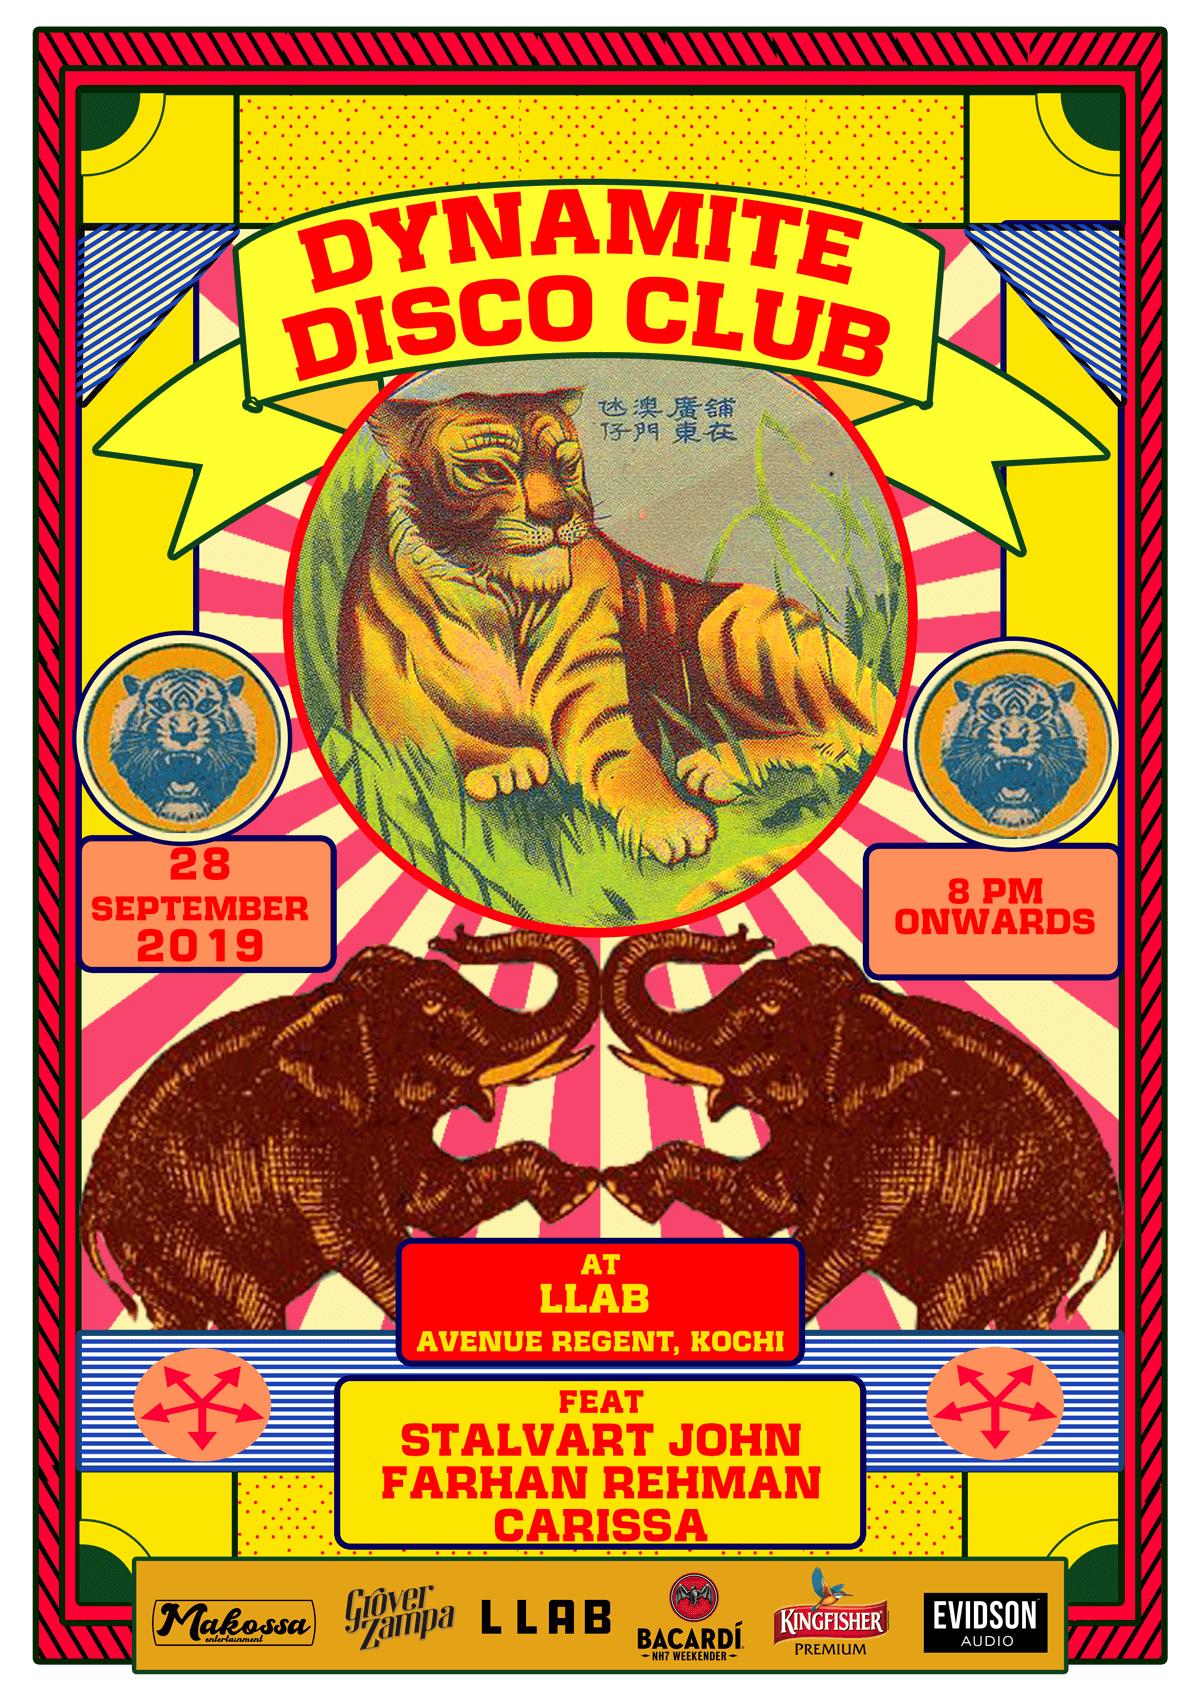 Dynamite Disco Club - Kochi